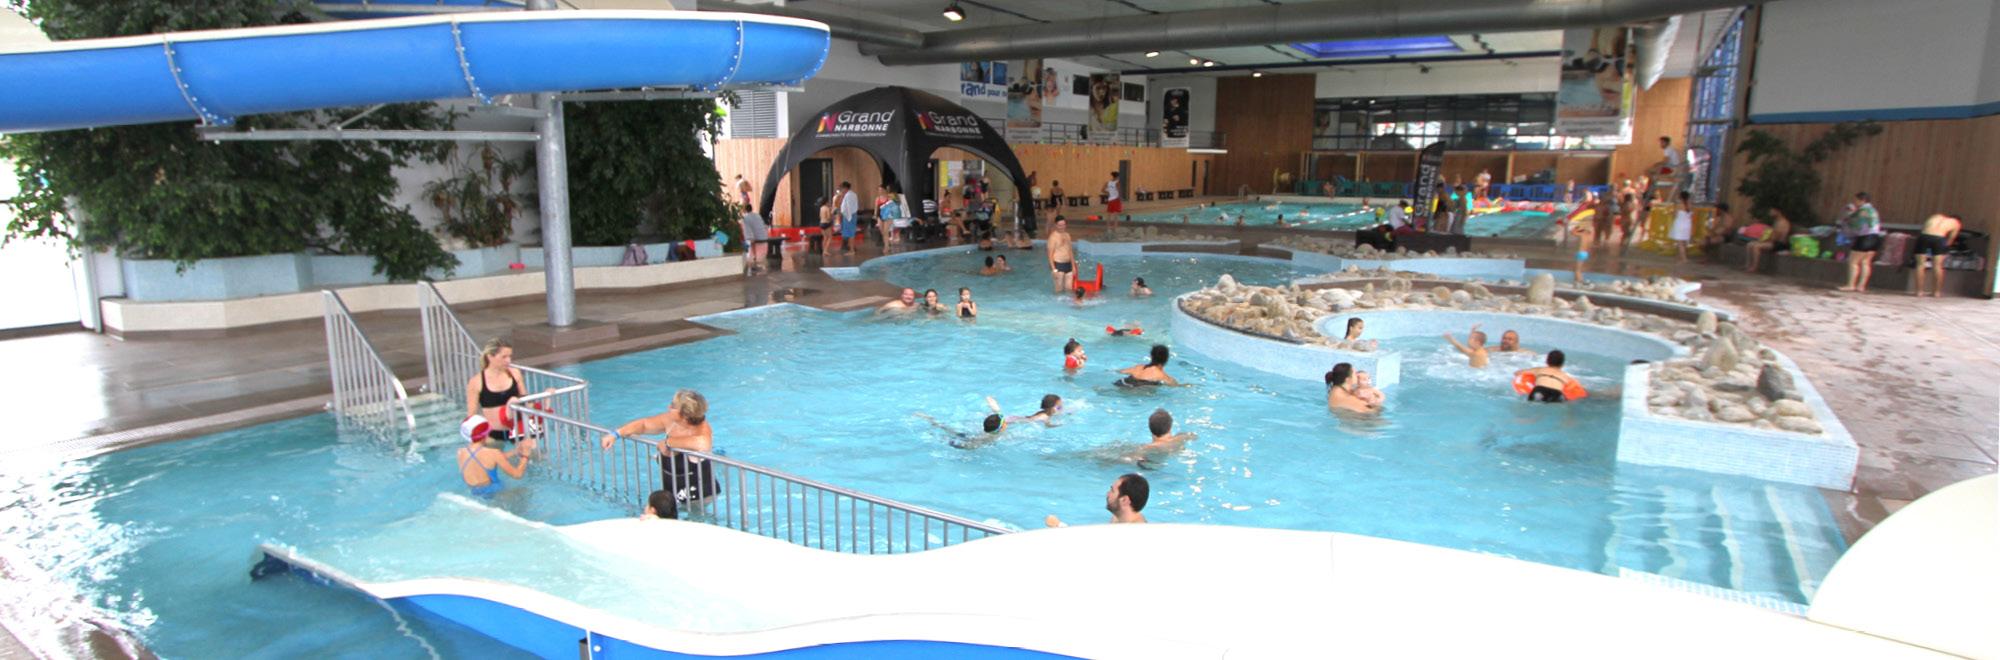 Espace de liberté du Grand Narbonne - Espace Aquatique Indoor